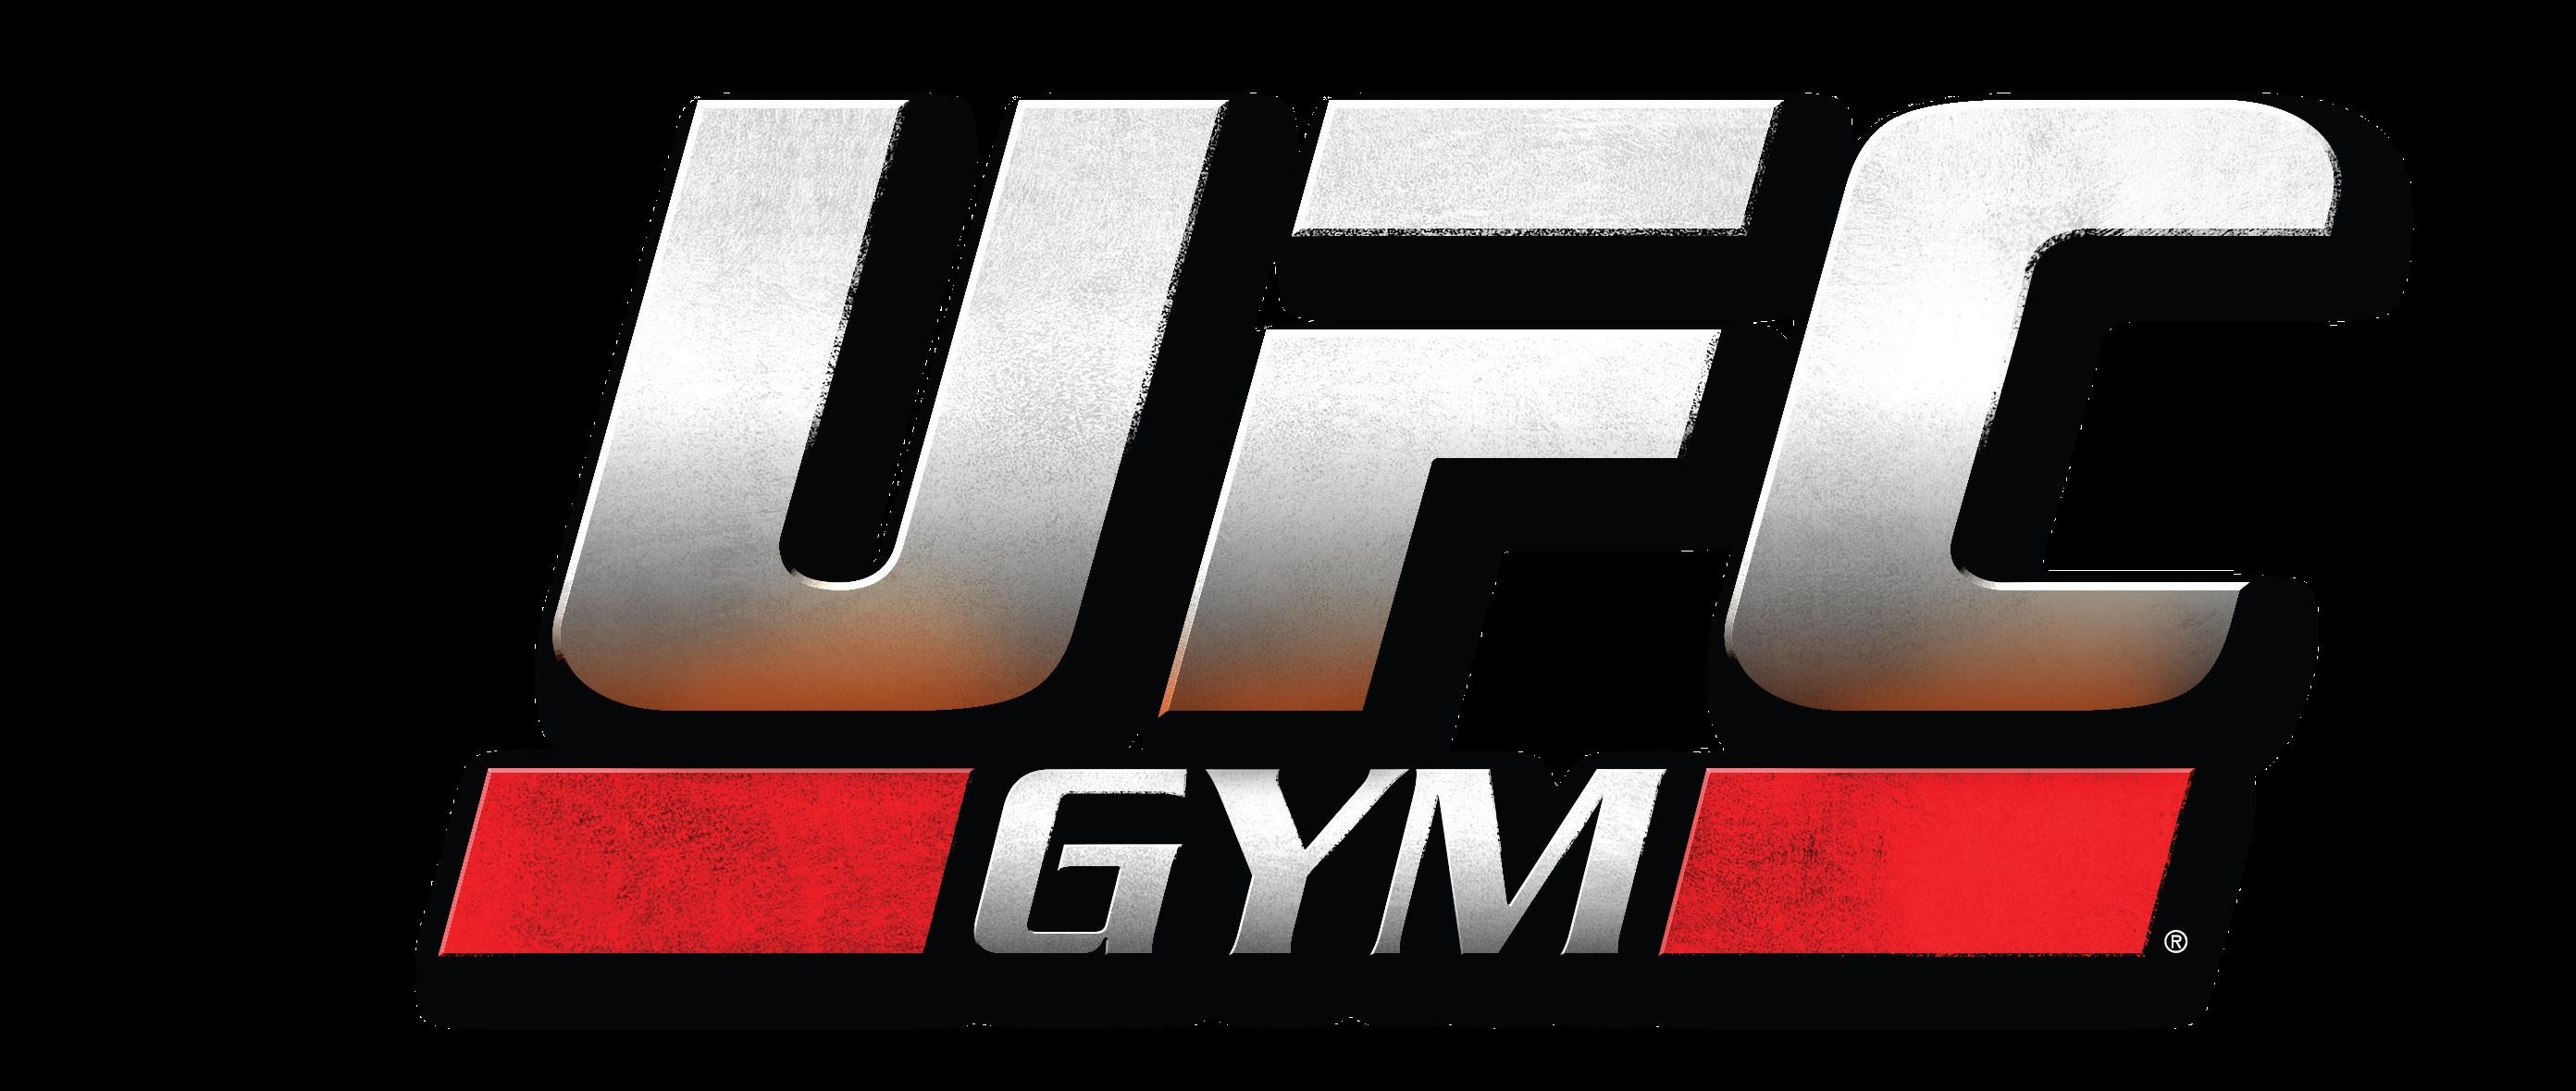 UFC mma martial arts logo poster g wallpaper 2784x1179 171370 2784x1179